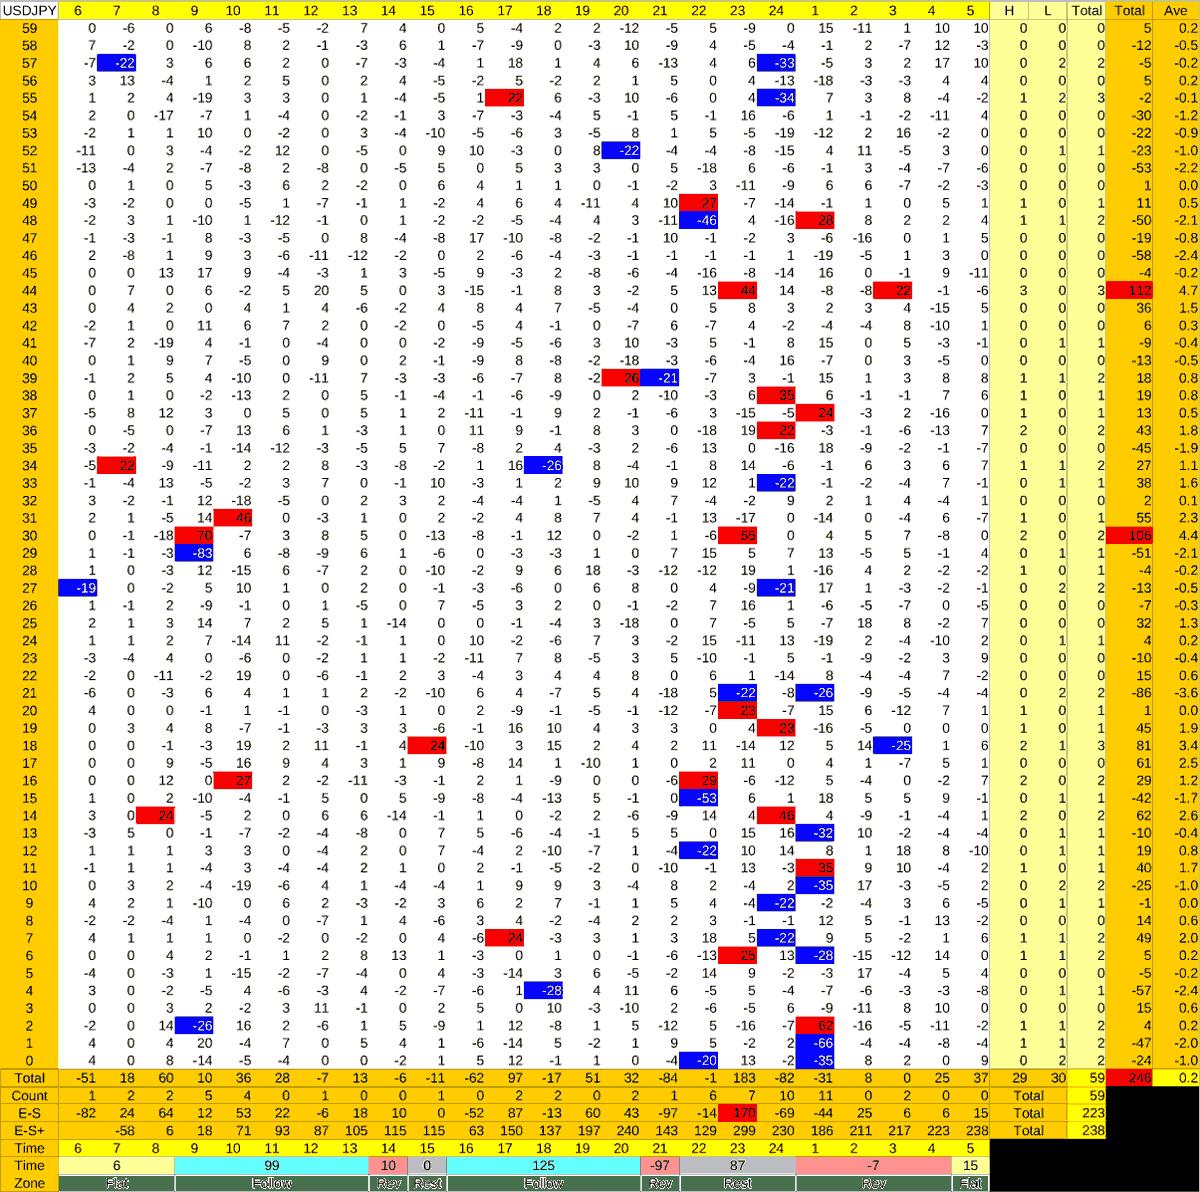 20210303_HS(1)USDJPY